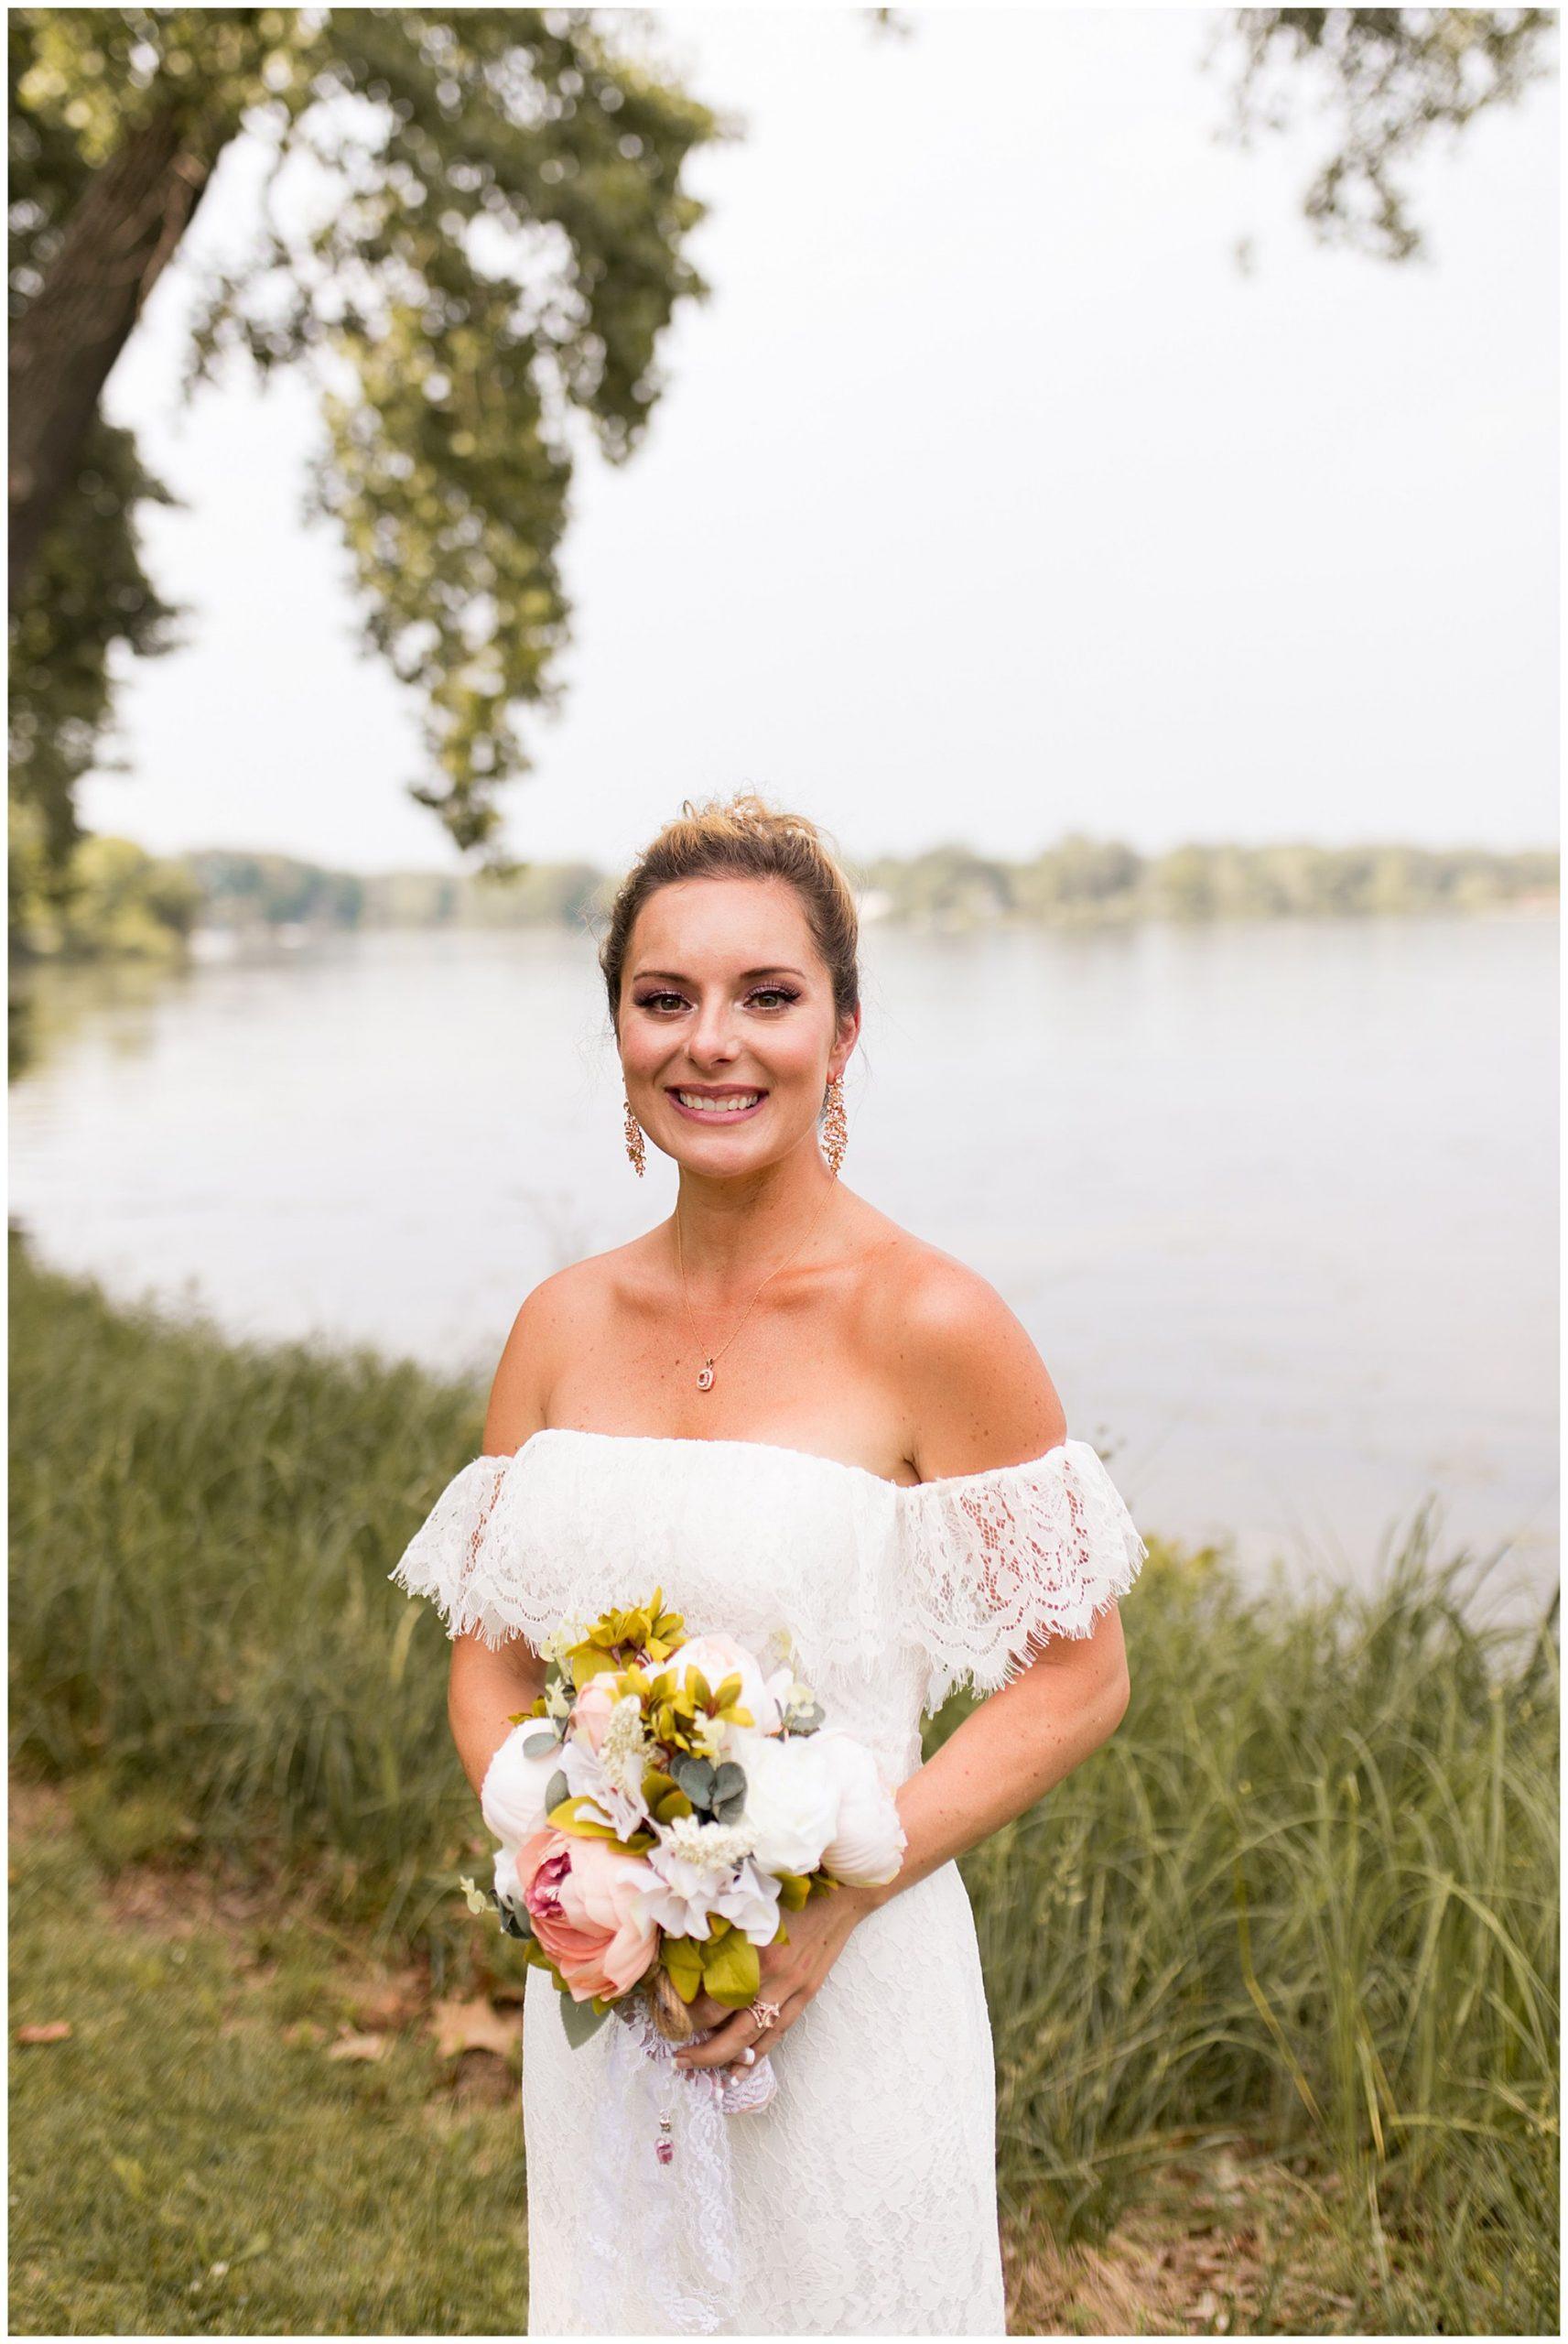 bride holds bouquet after summer wedding at Lucerne Park